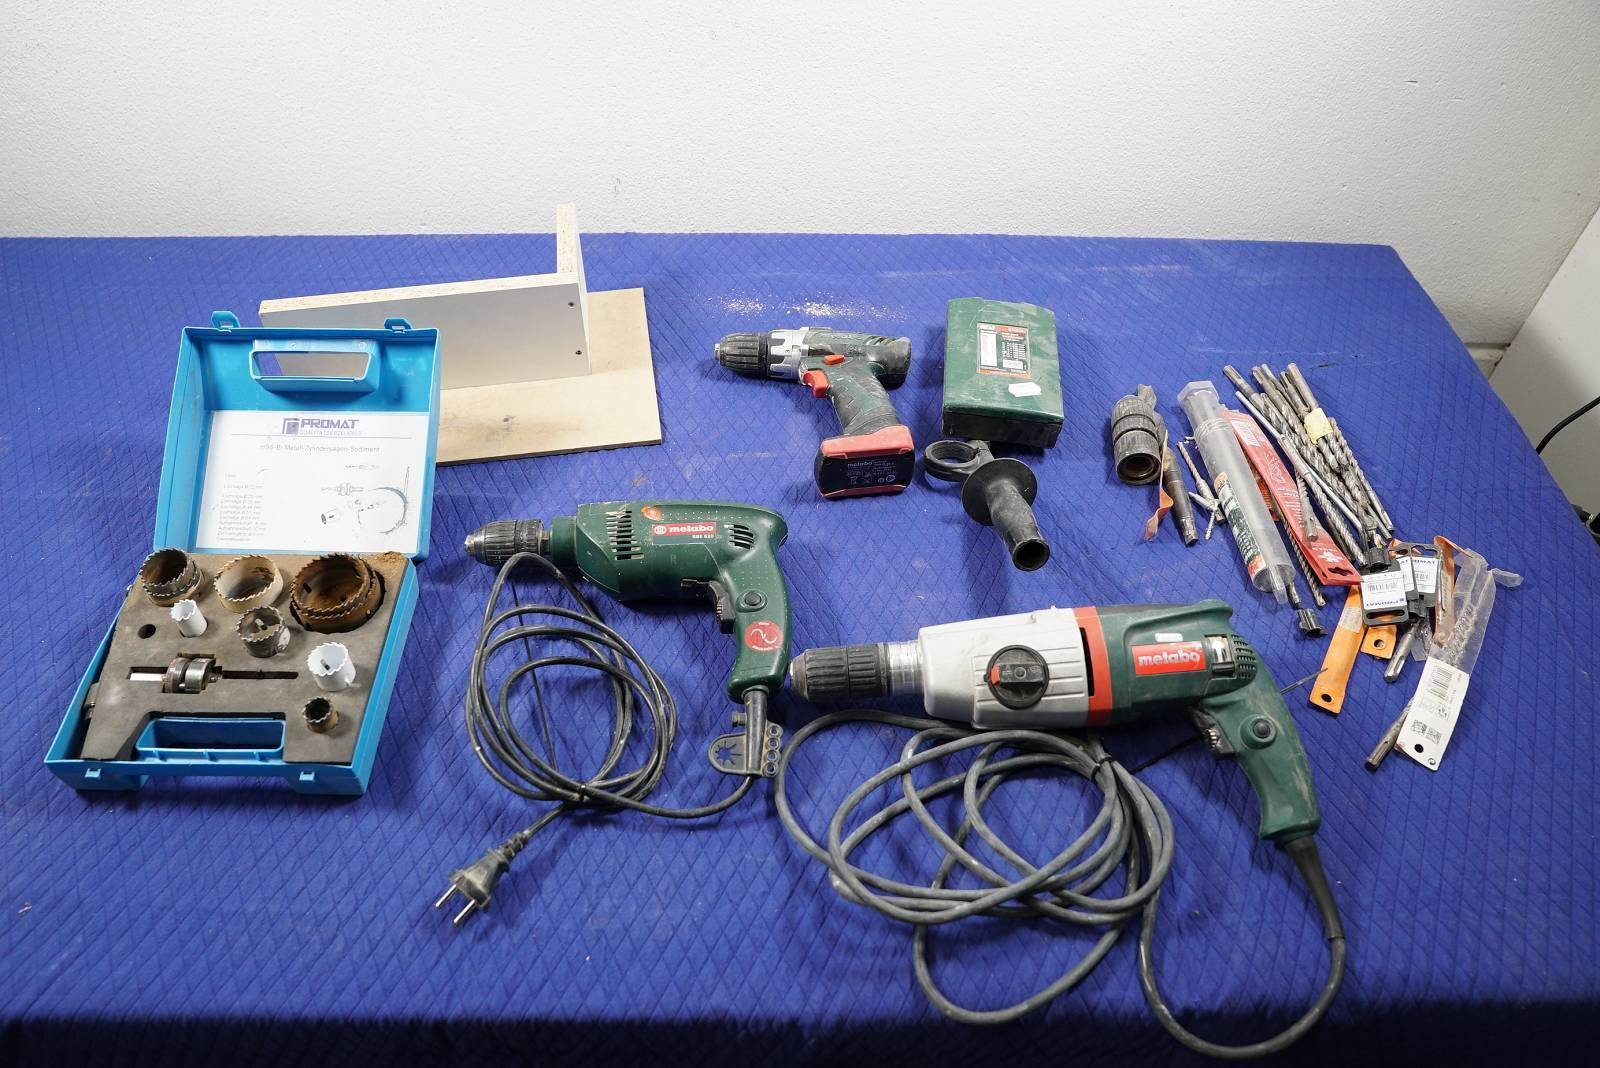 Handmaschine Metabo Set Klein Gebraucht Kaufen Wiring Diagram 64157 001